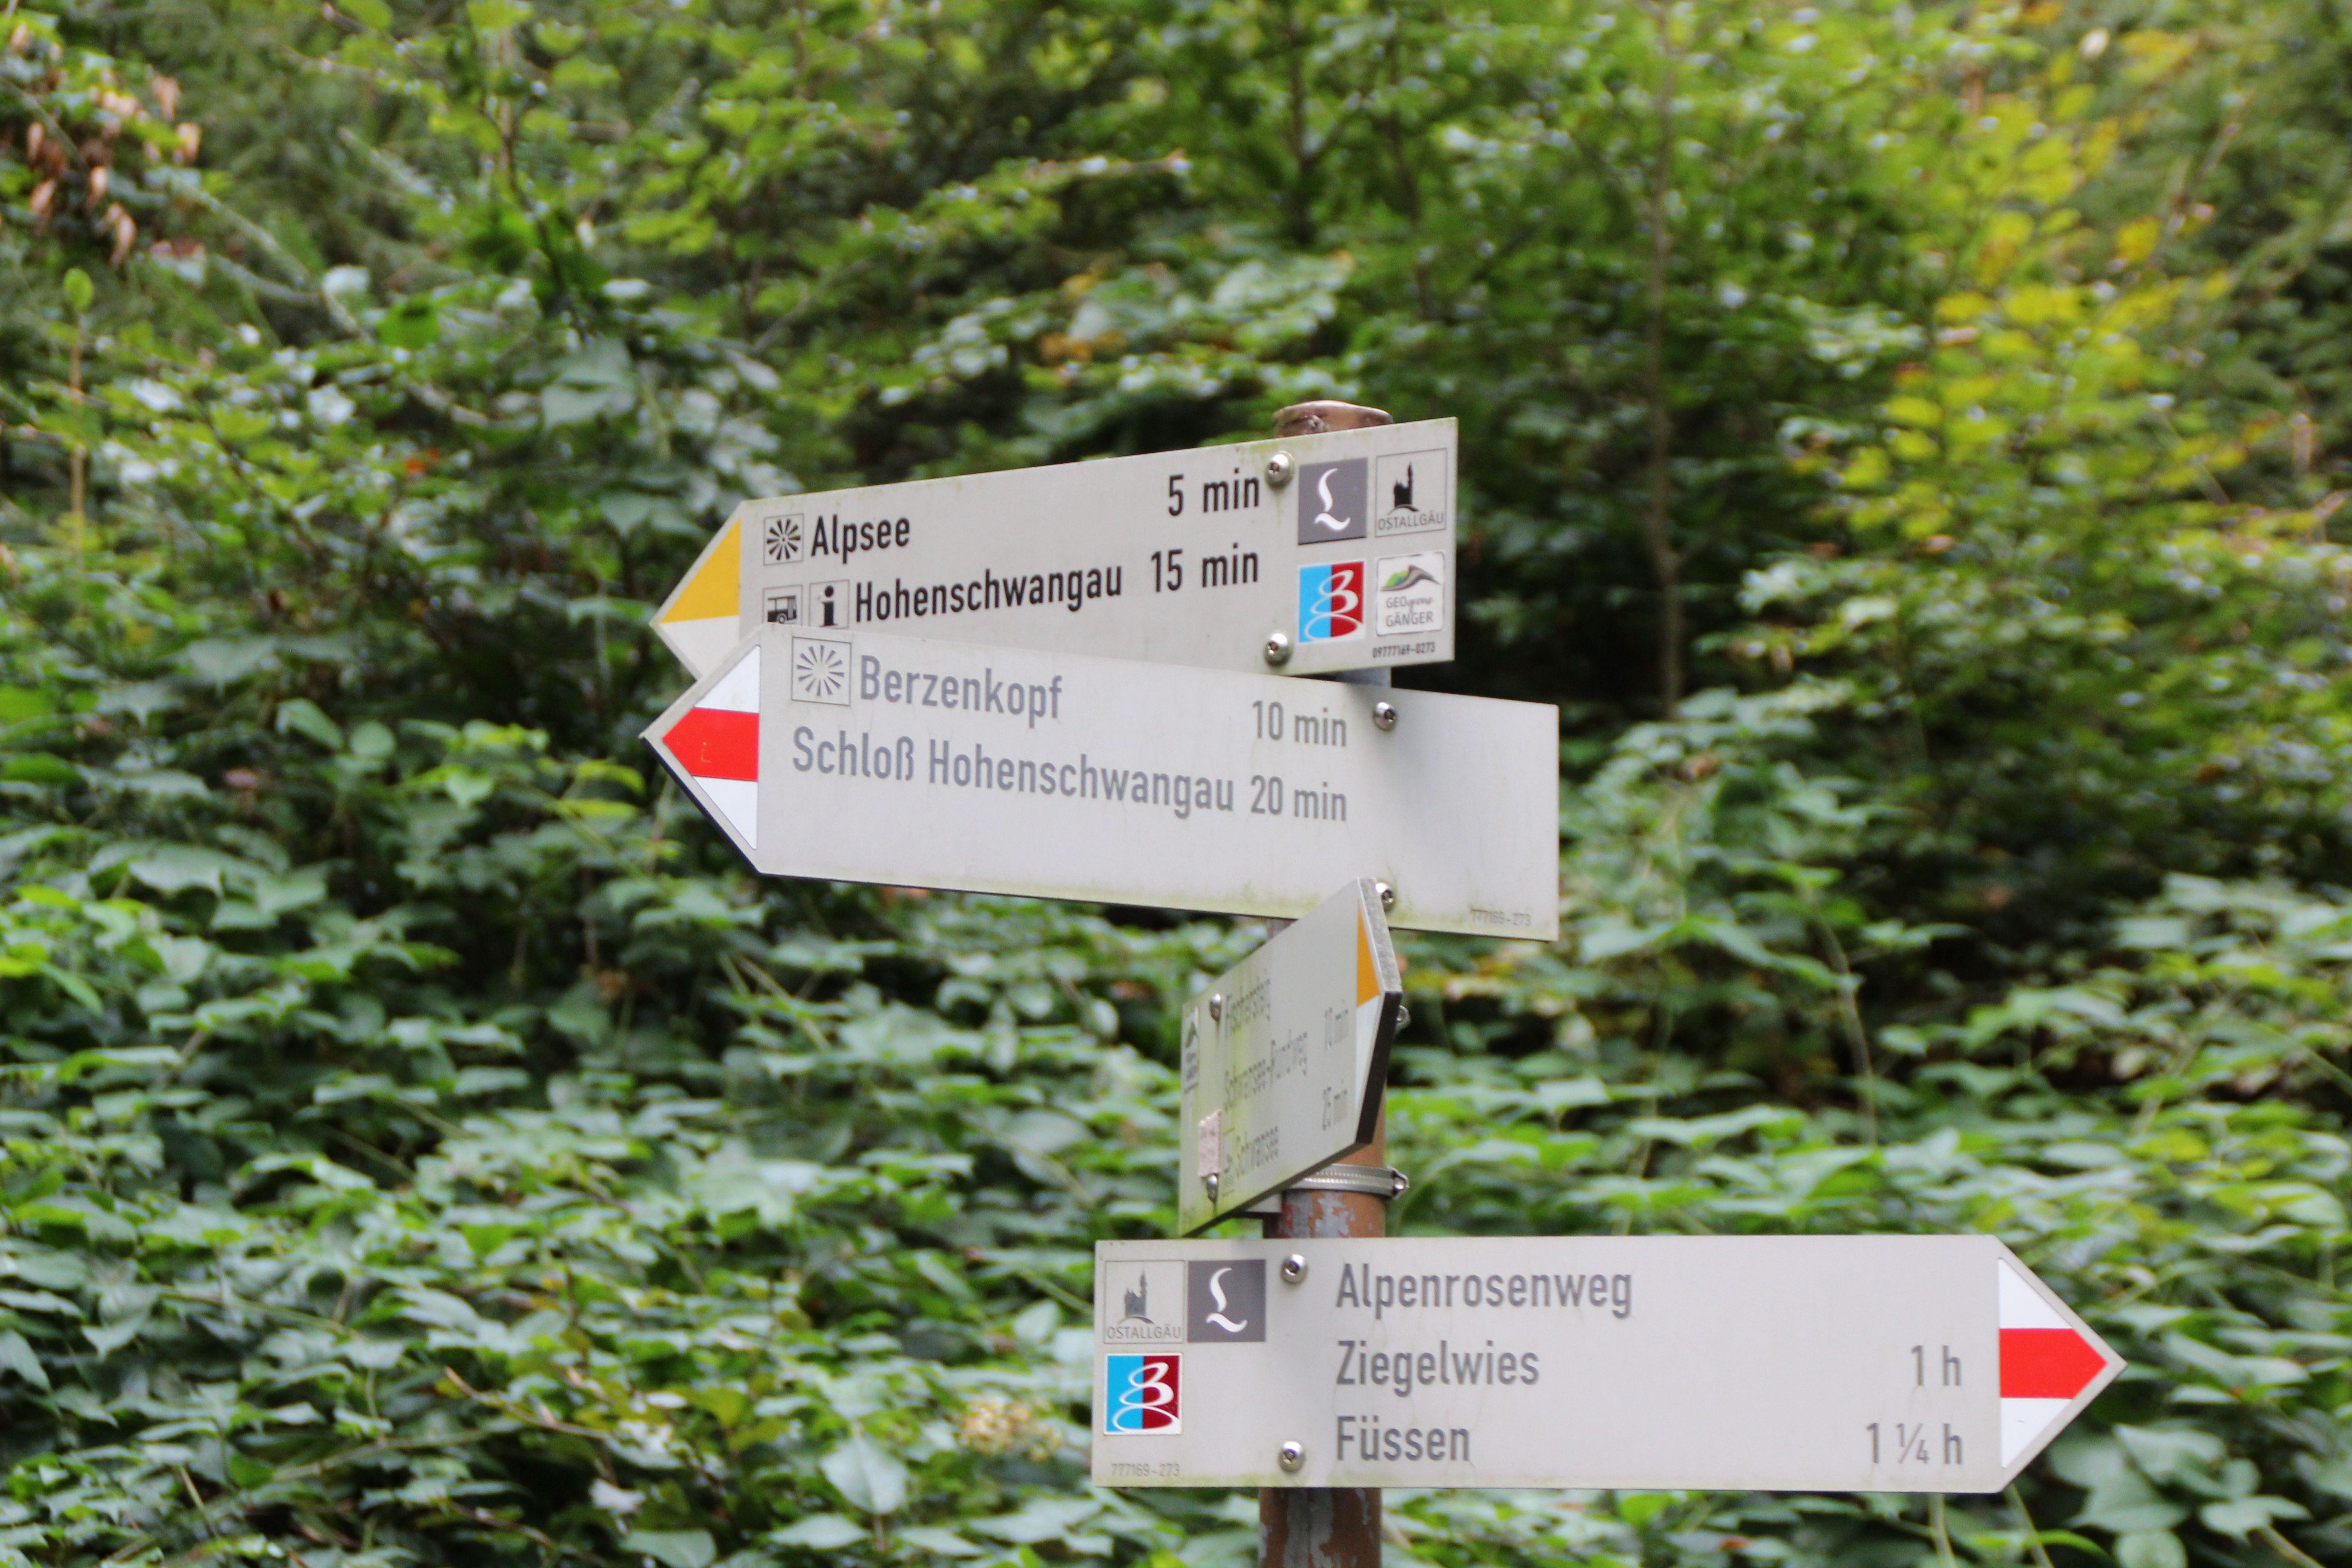 Der Alpenrosenweg Ist Ein Leichter Hohenweg Zwischen Fussen Und Hohenschwangau Auf Dem Einen Wunderschone Ausblicke Auf Zahlr Alpen Neuschwanstein Hohenweg